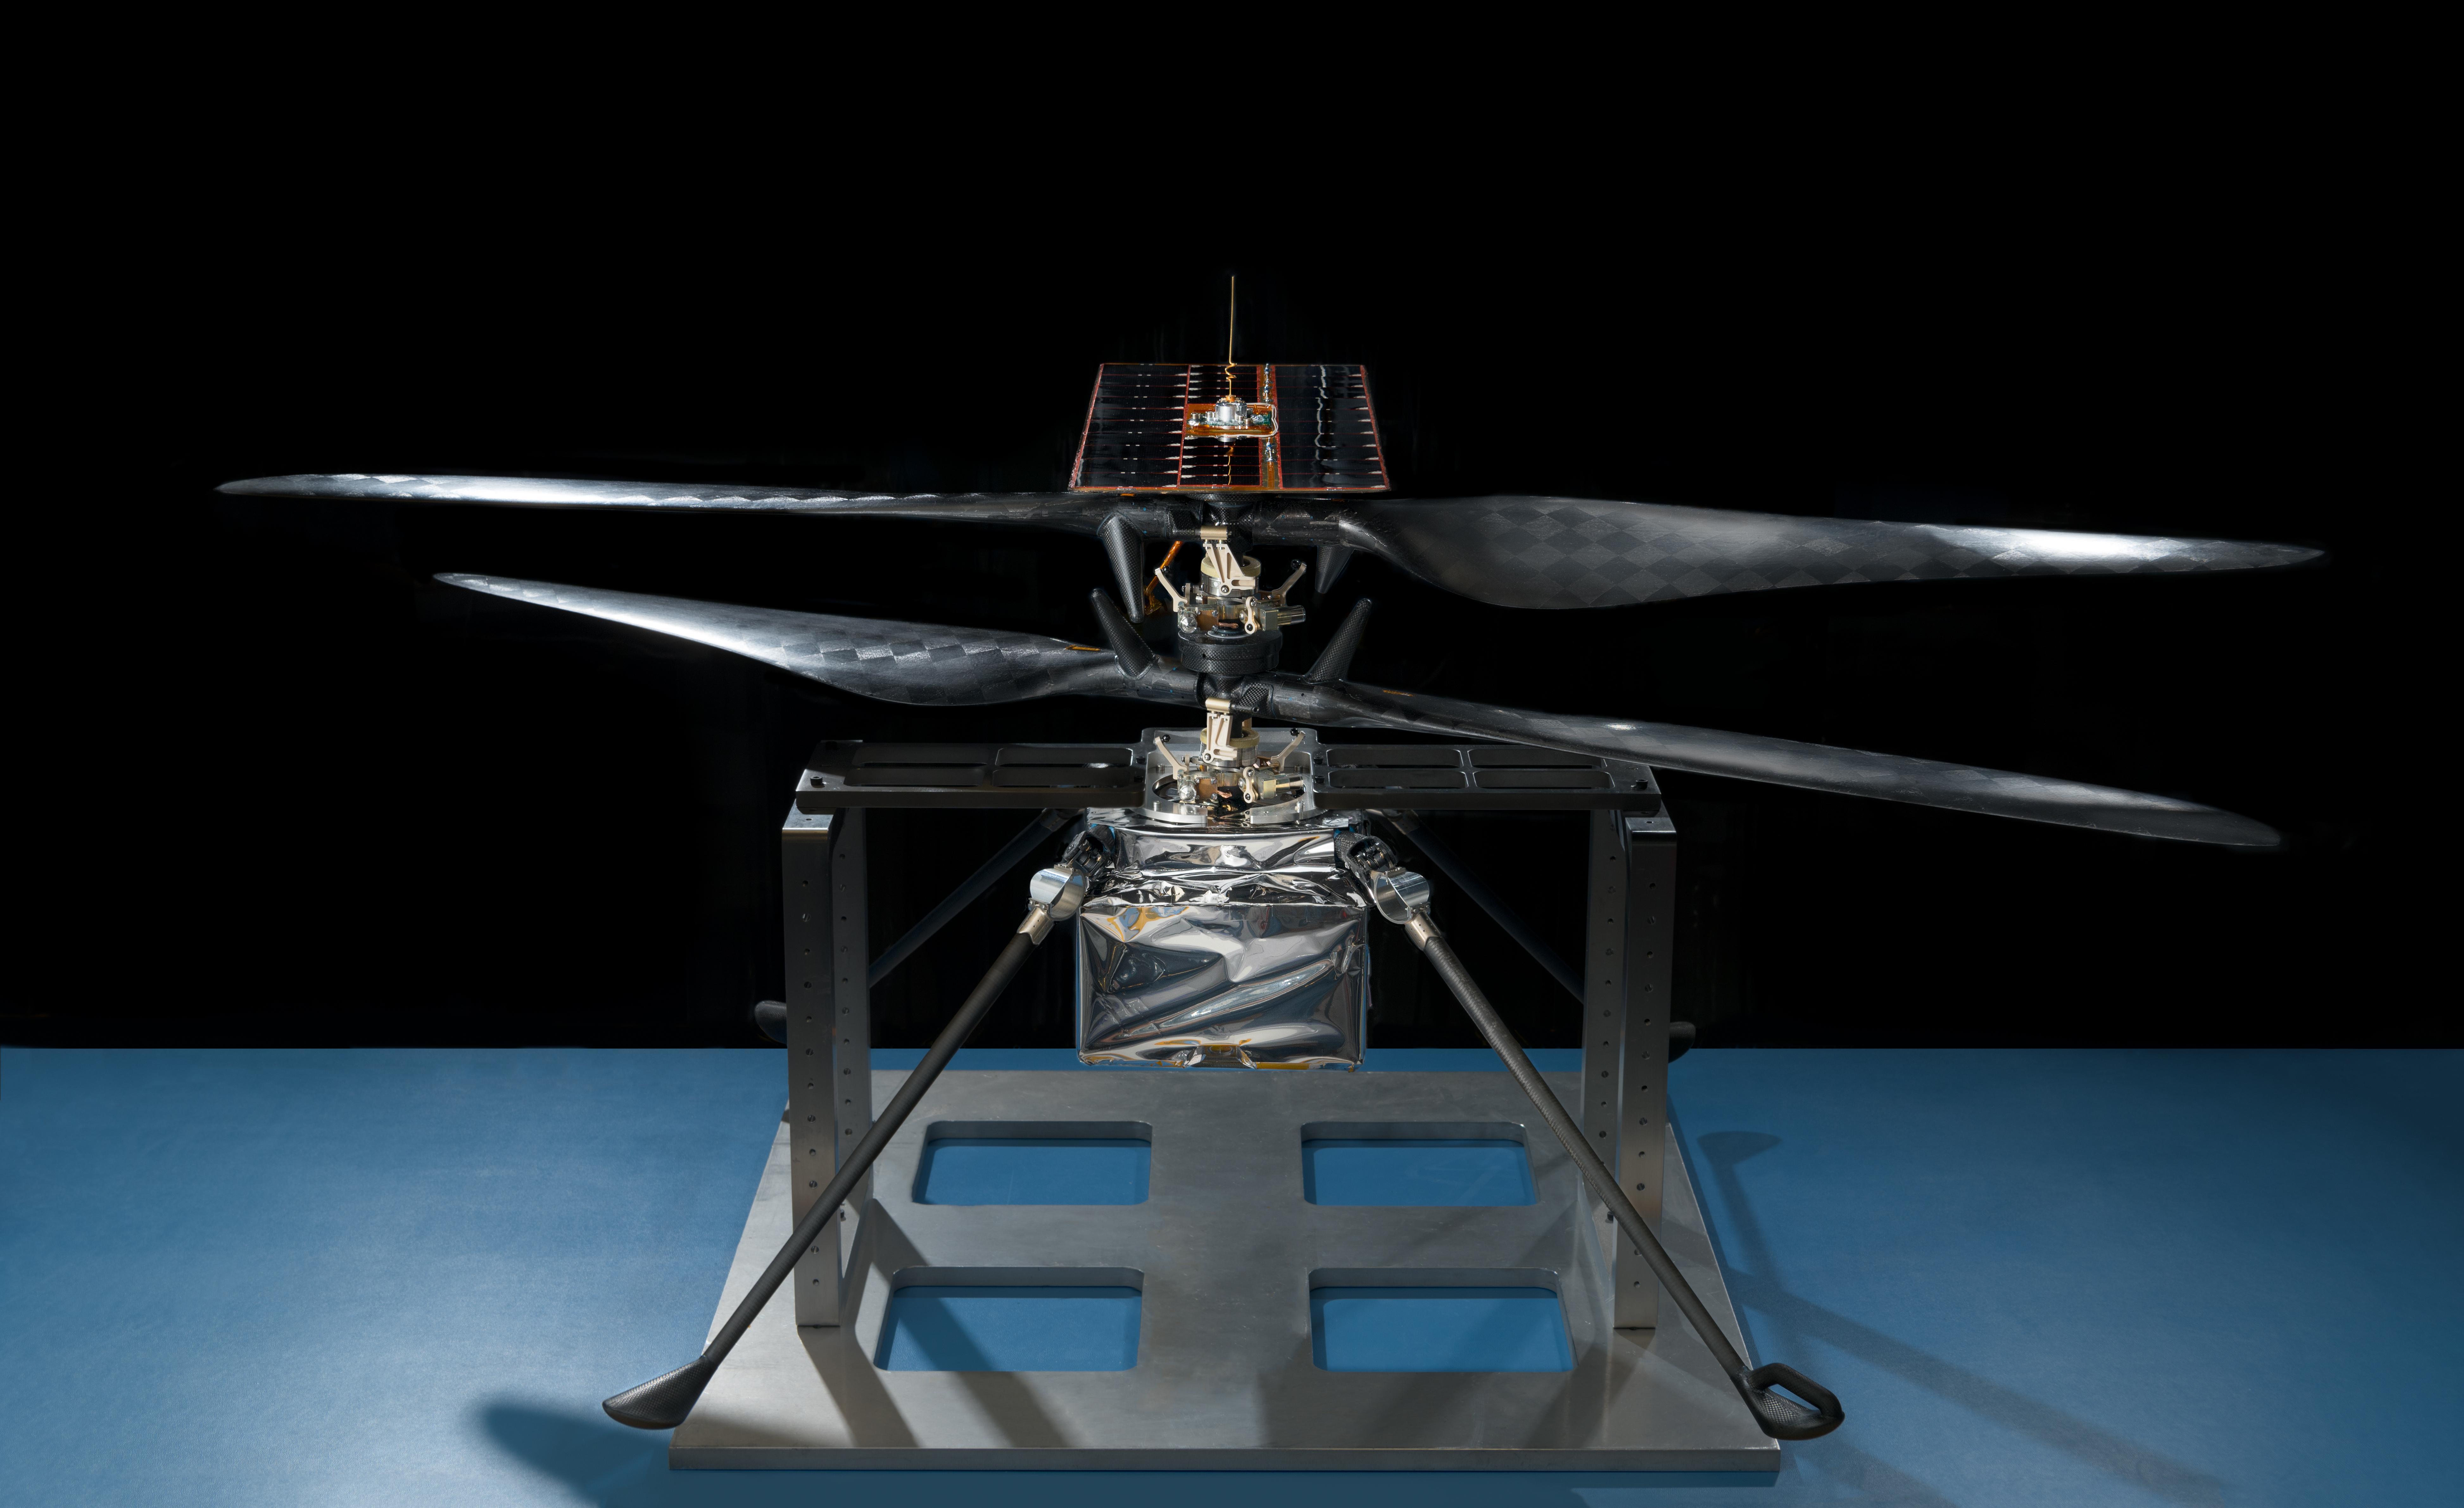 Винт, делающий 3000 оборотов в минуту, должен удержать аппарат в разреженной атмосфере Марса.